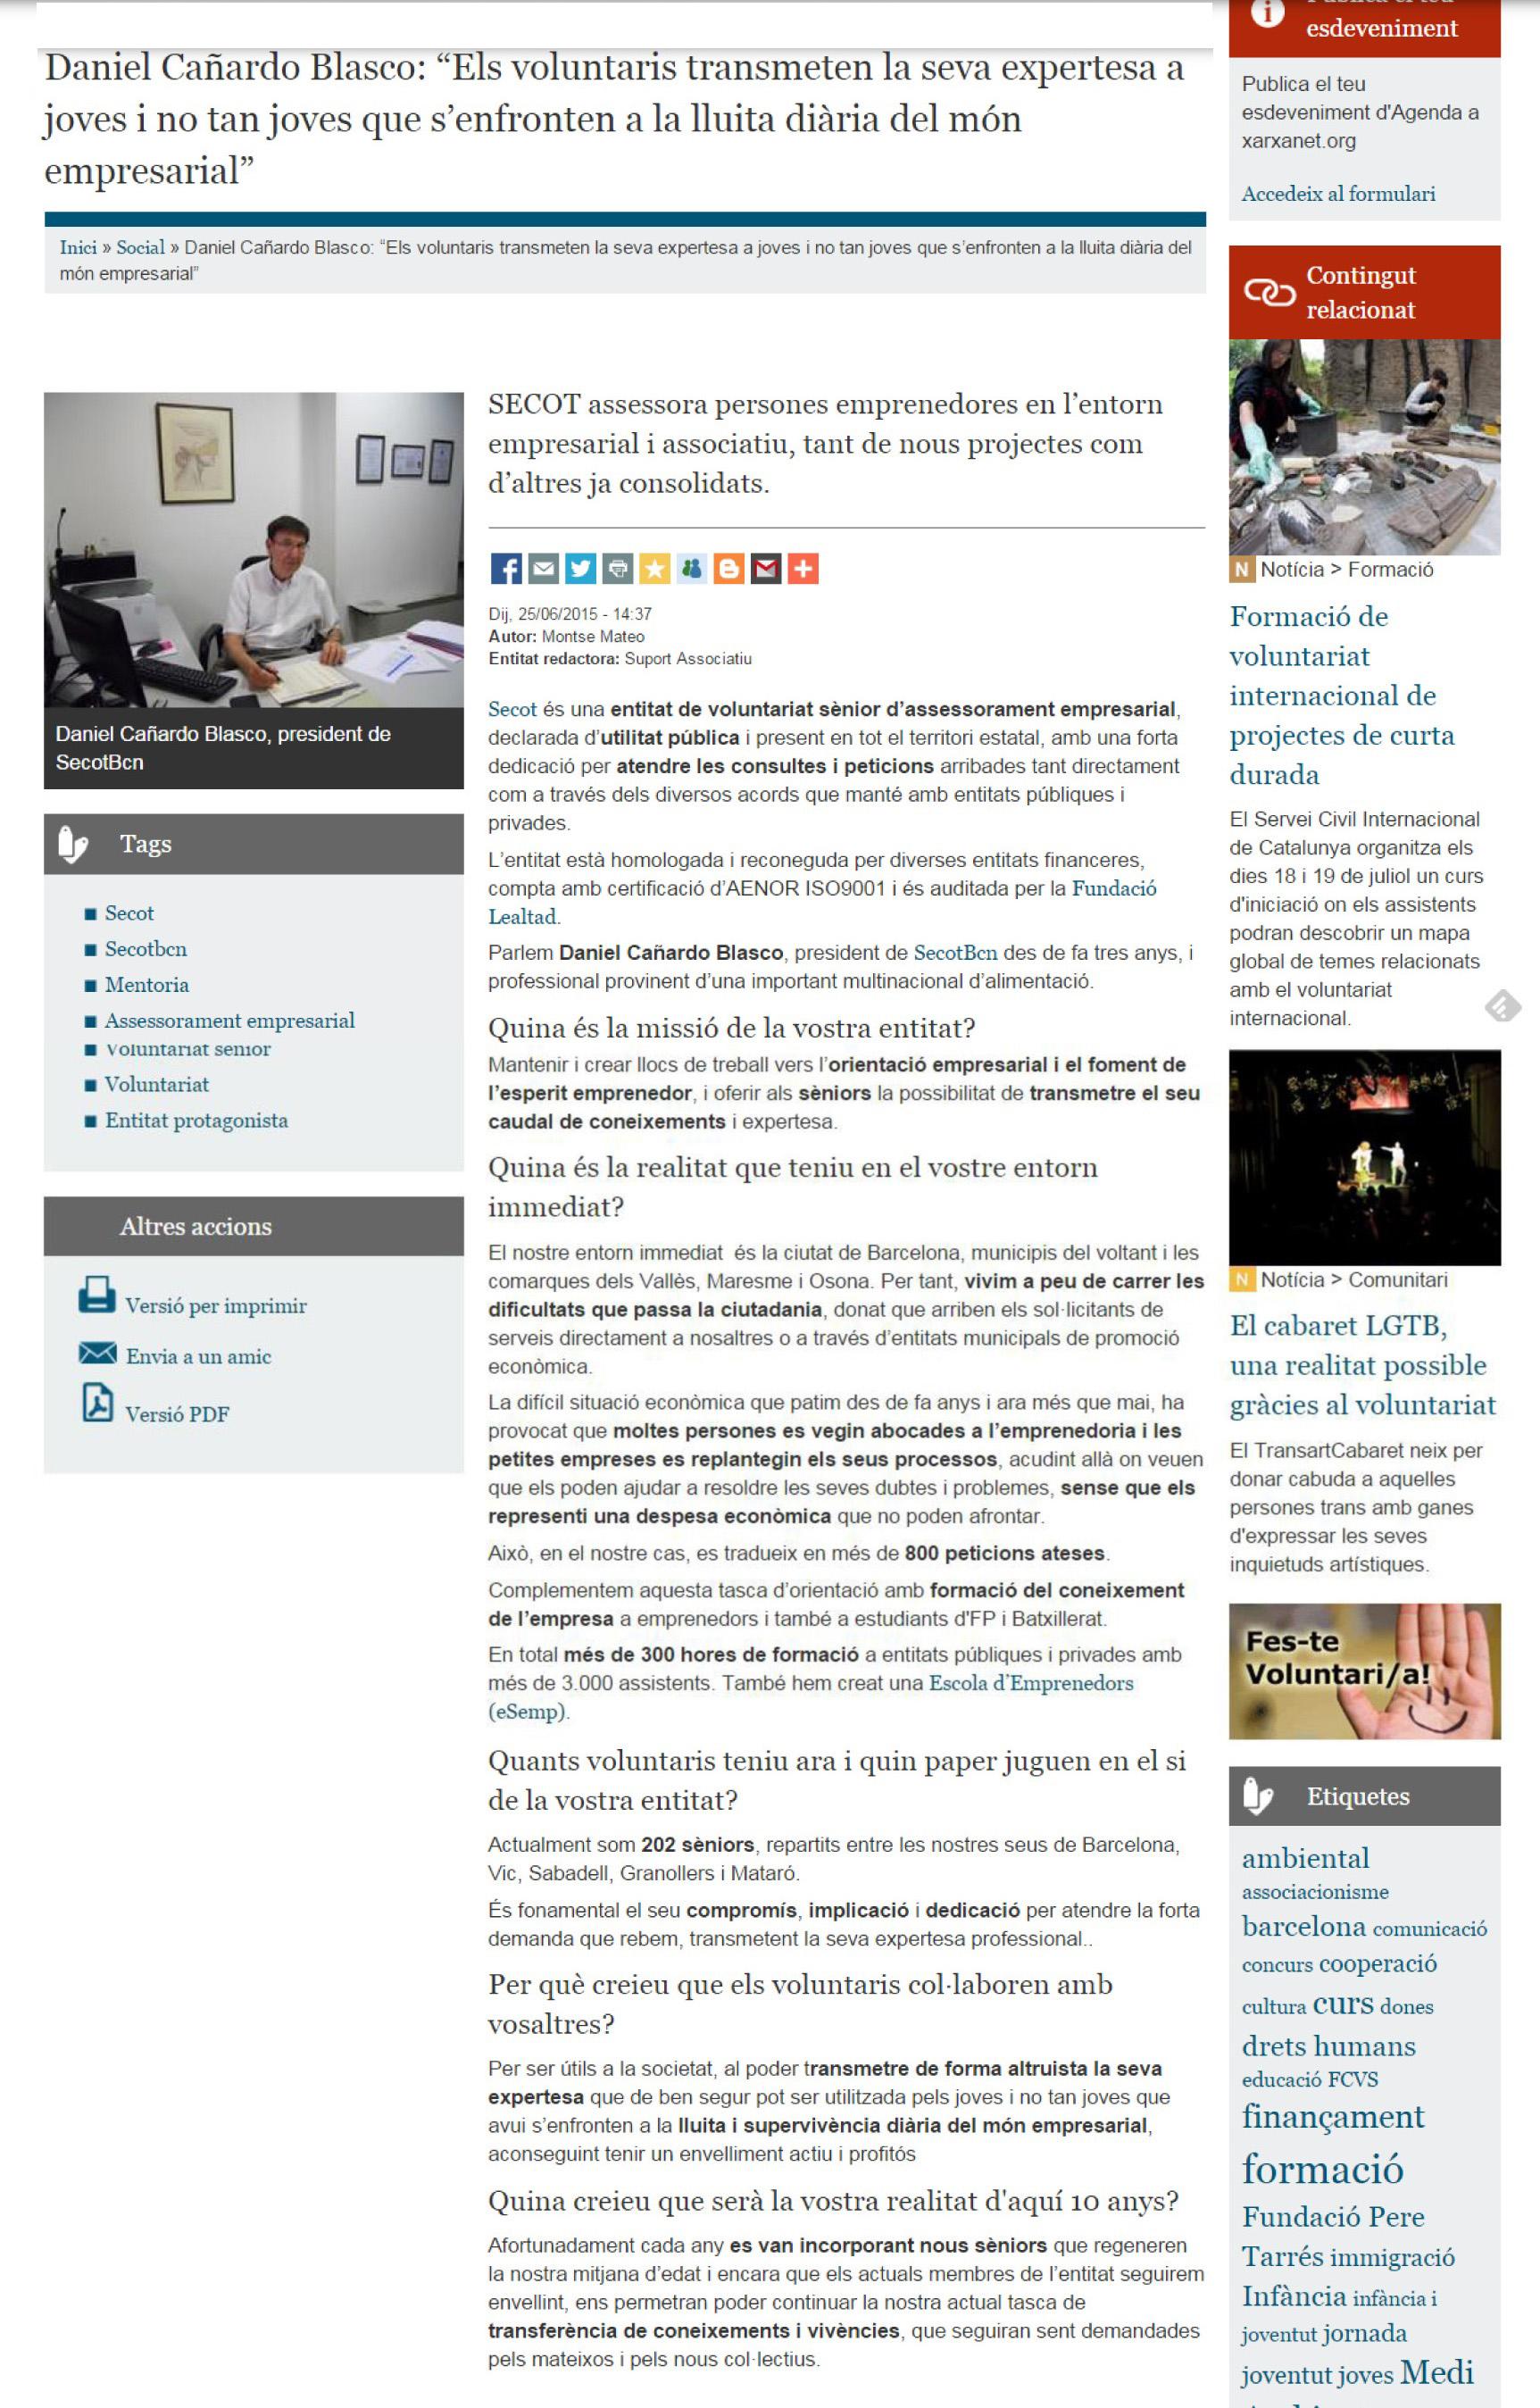 Xarxanet.org,dissabte 27 de juny. Entrevista a Daniel Cañardo Blasco, president de Secotbcn.Podeu llegir-la aquí http://bit.ly/1FKKPfg.